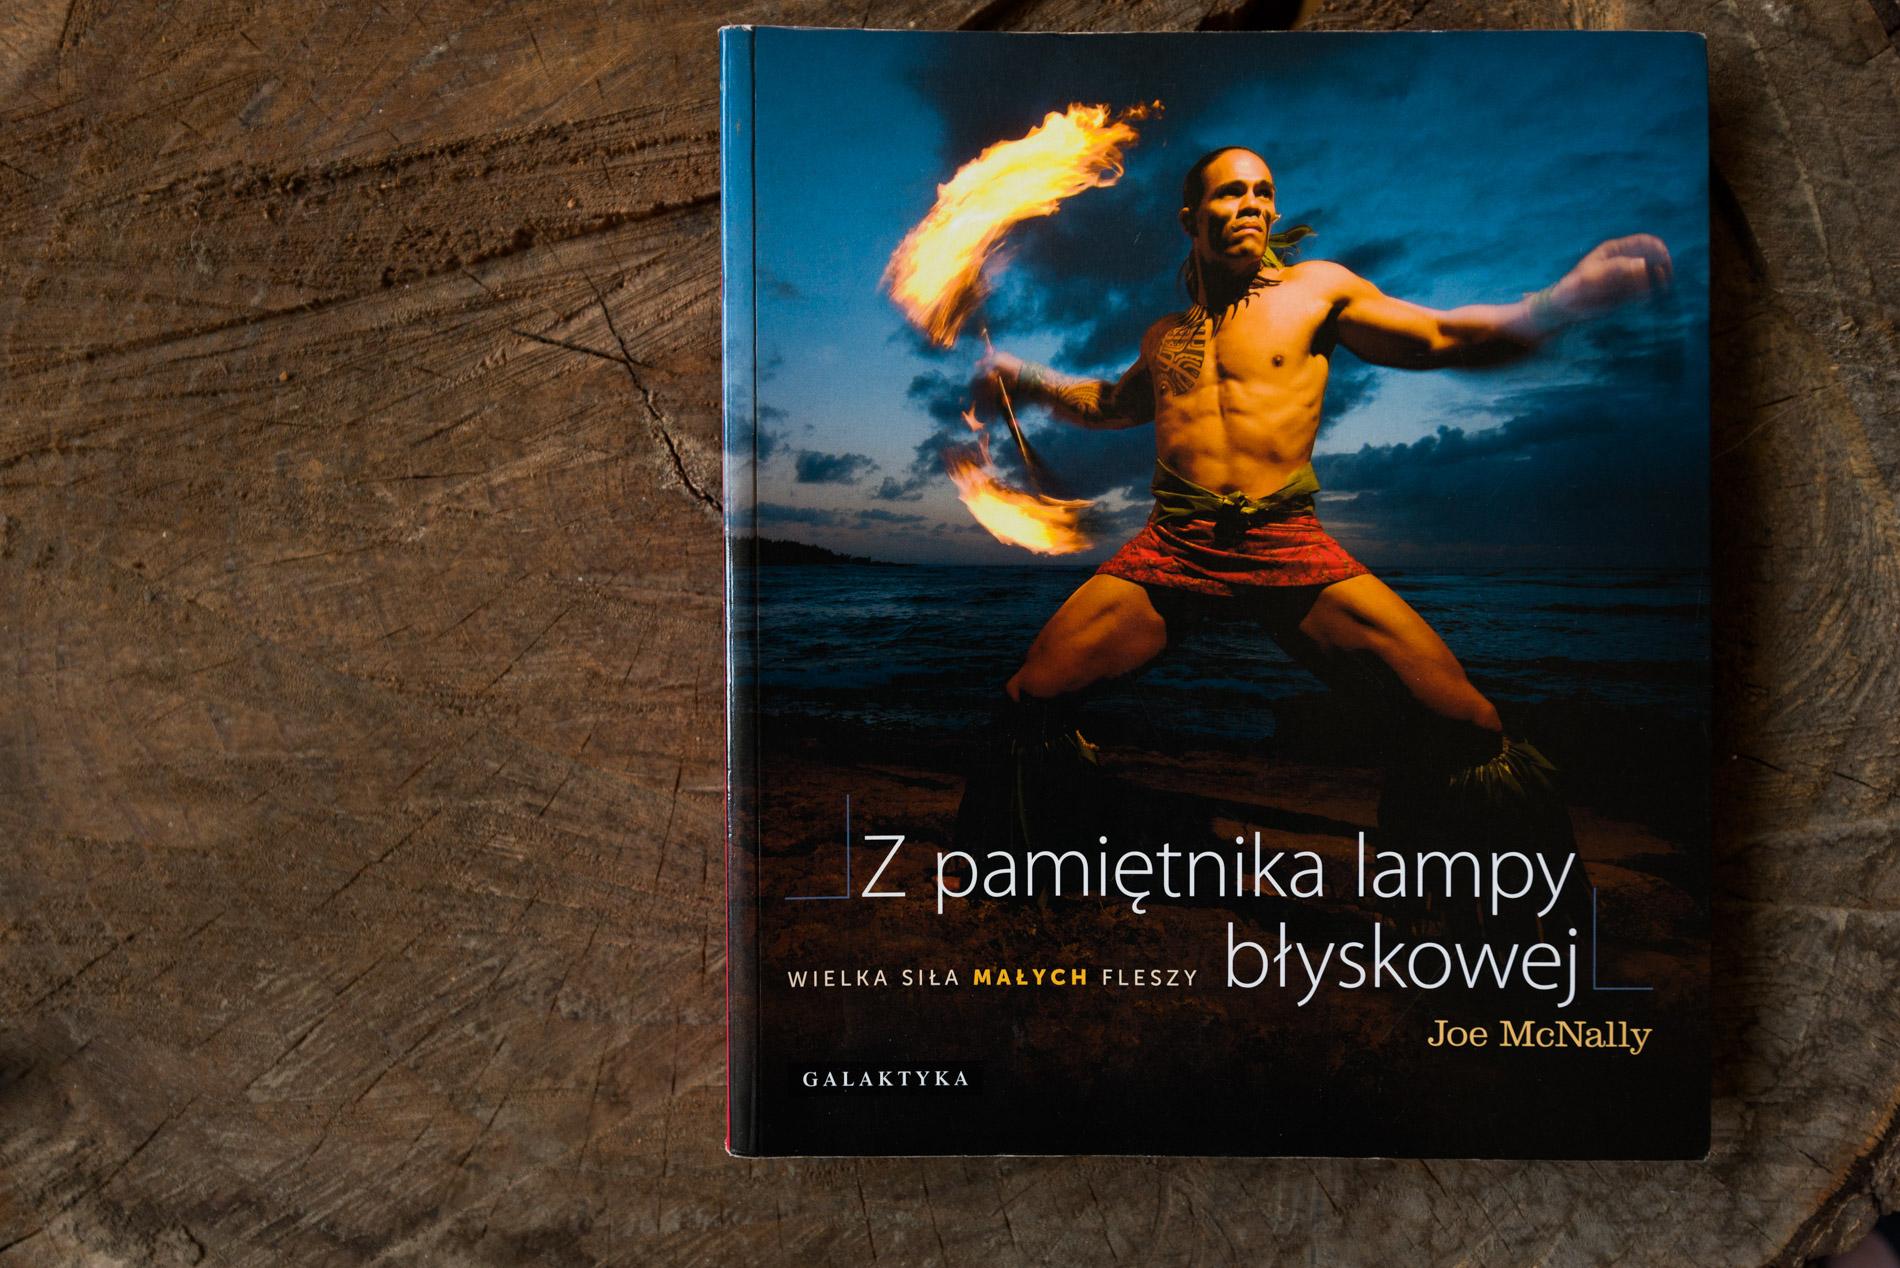 Książki O Fotografii Kilka Książek O świetle I Nie Tylko